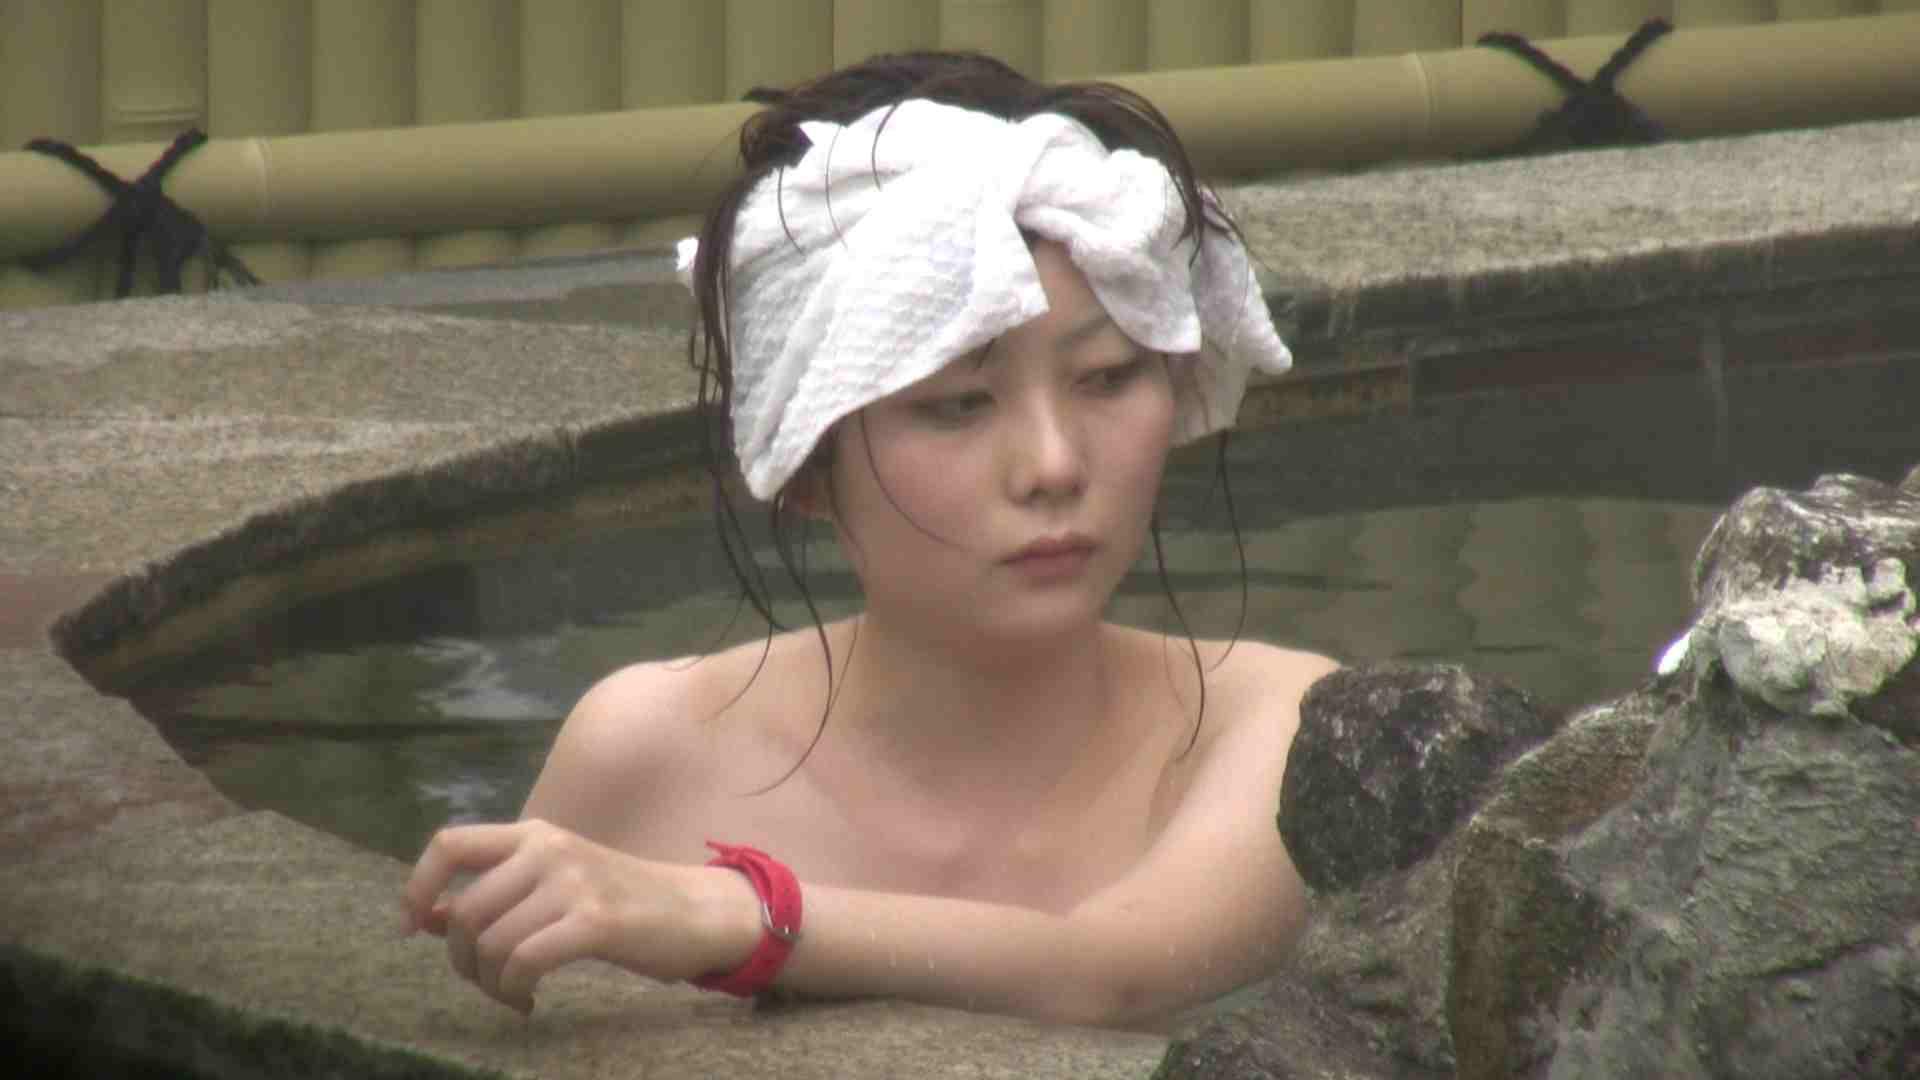 Aquaな露天風呂Vol.147 OLエロ画像 | 露天  84PICs 28